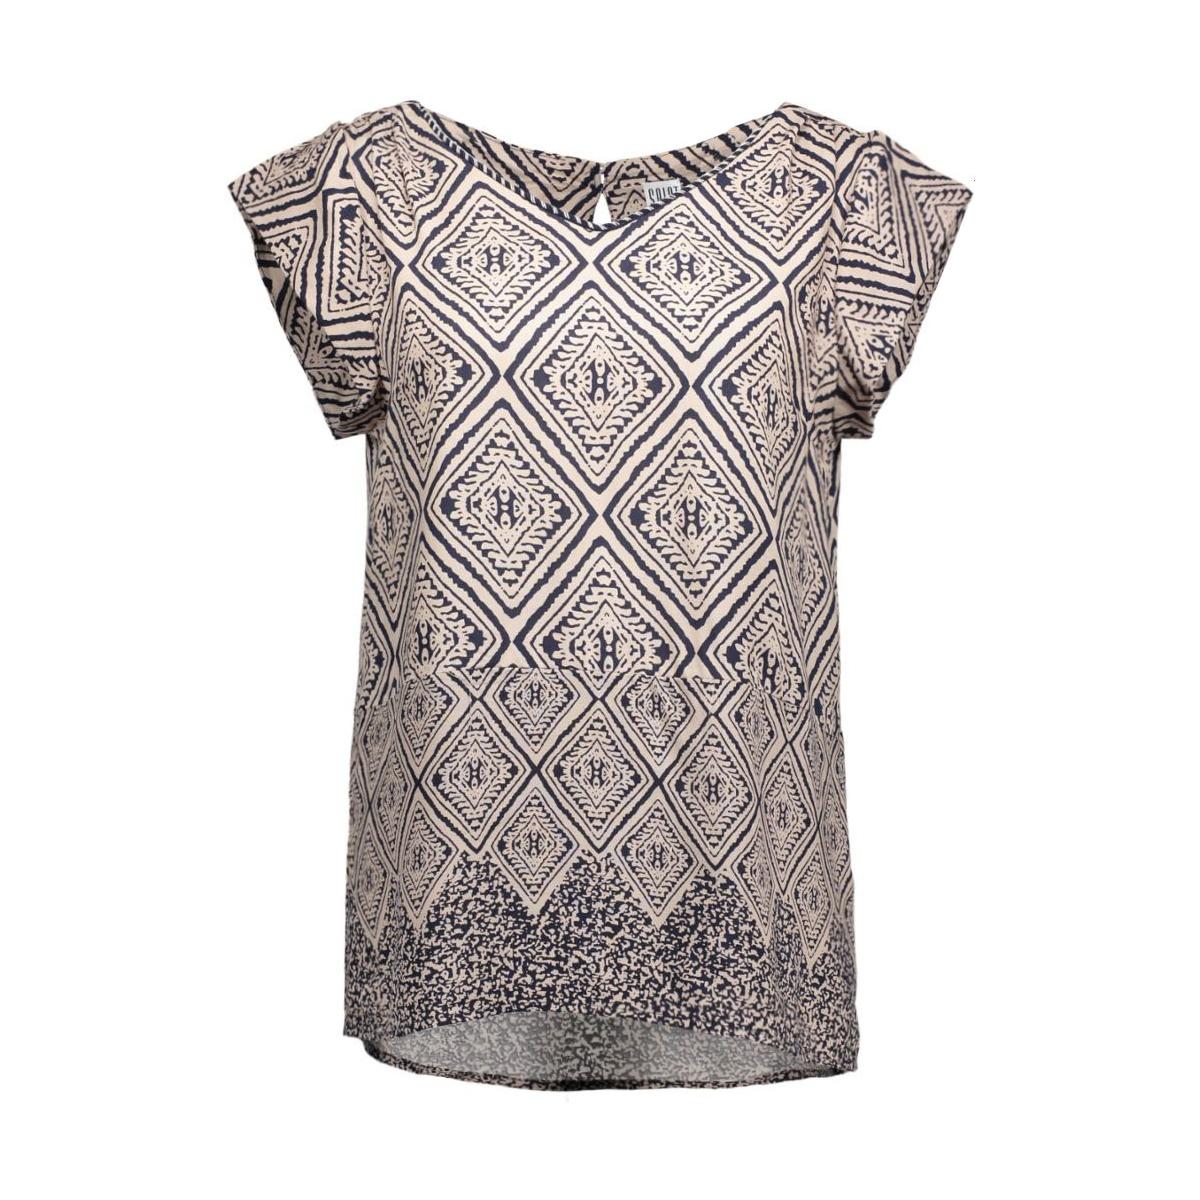 p1017 saint tropez t-shirt 5160